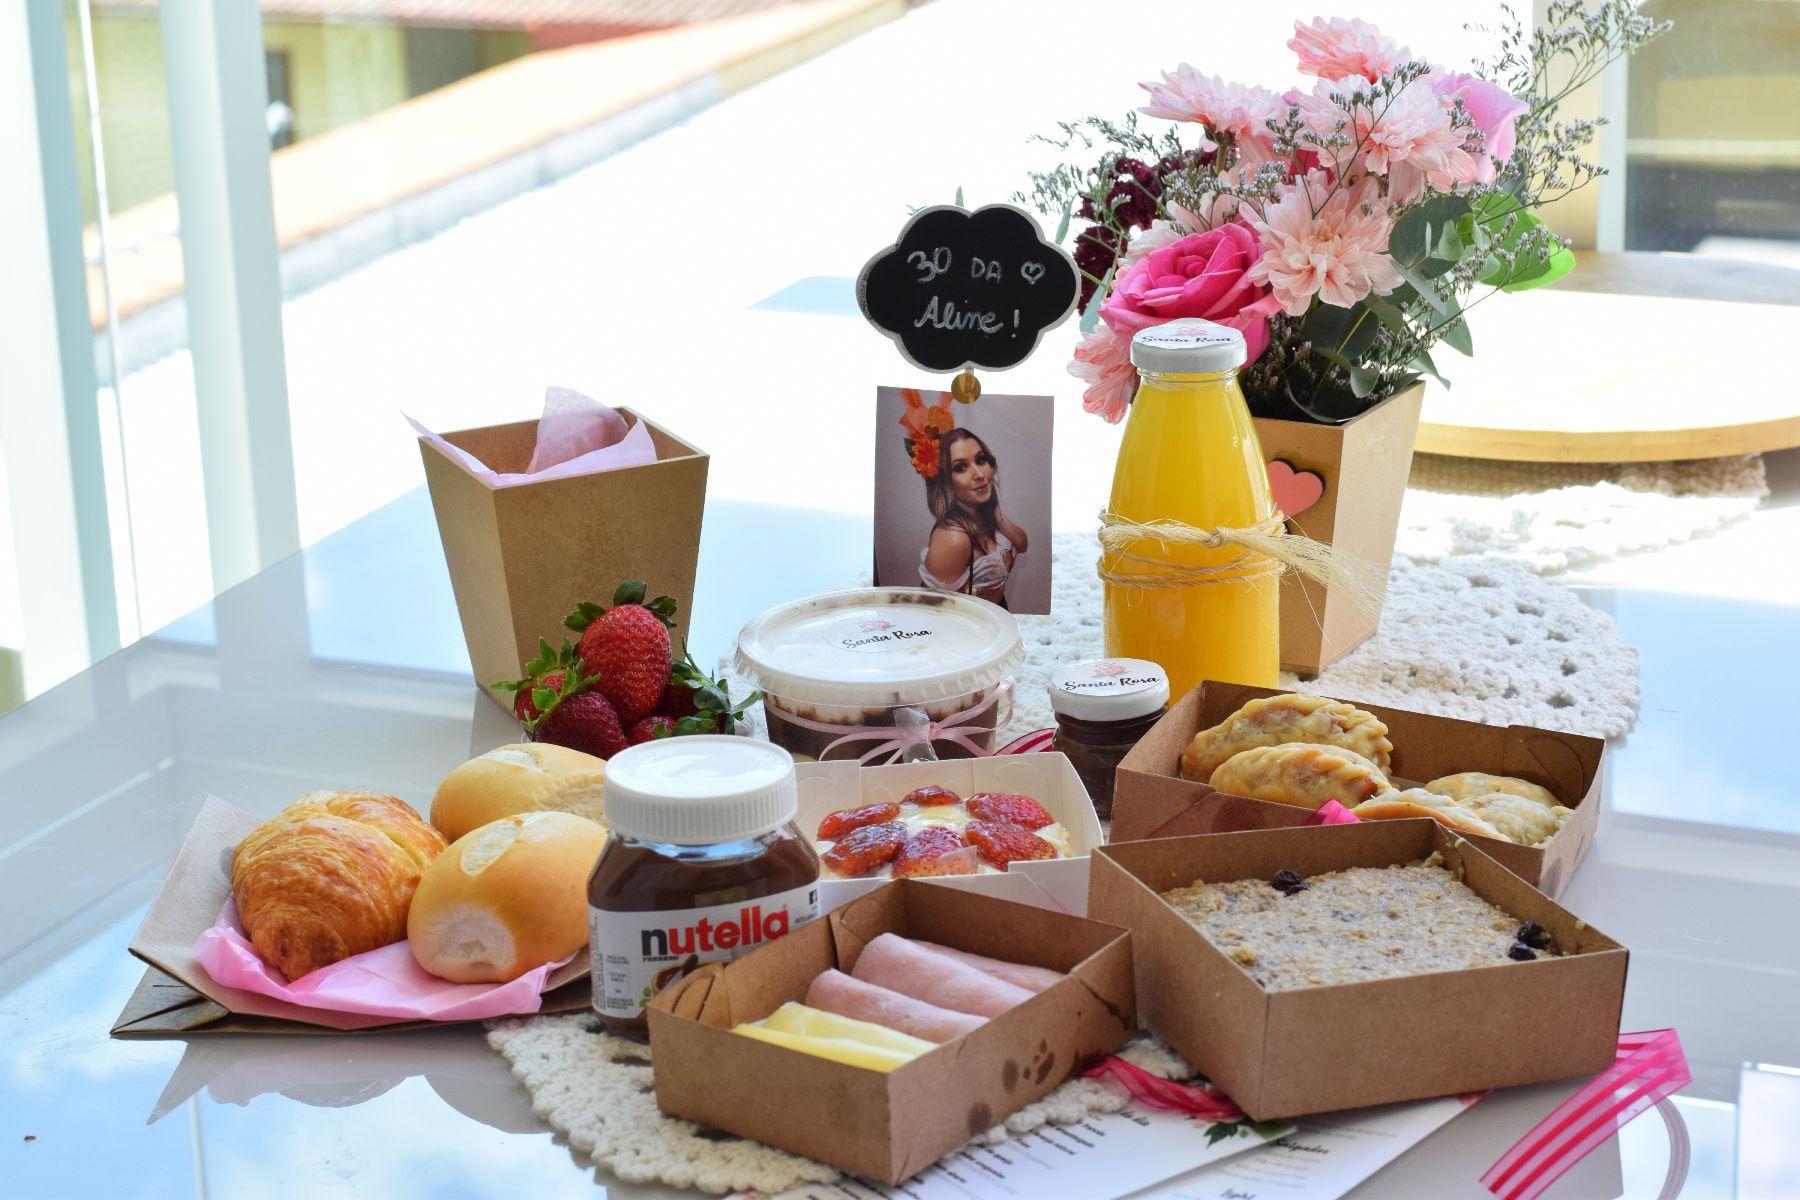 Santa Rosa - cesta de café da manhã na mesa.